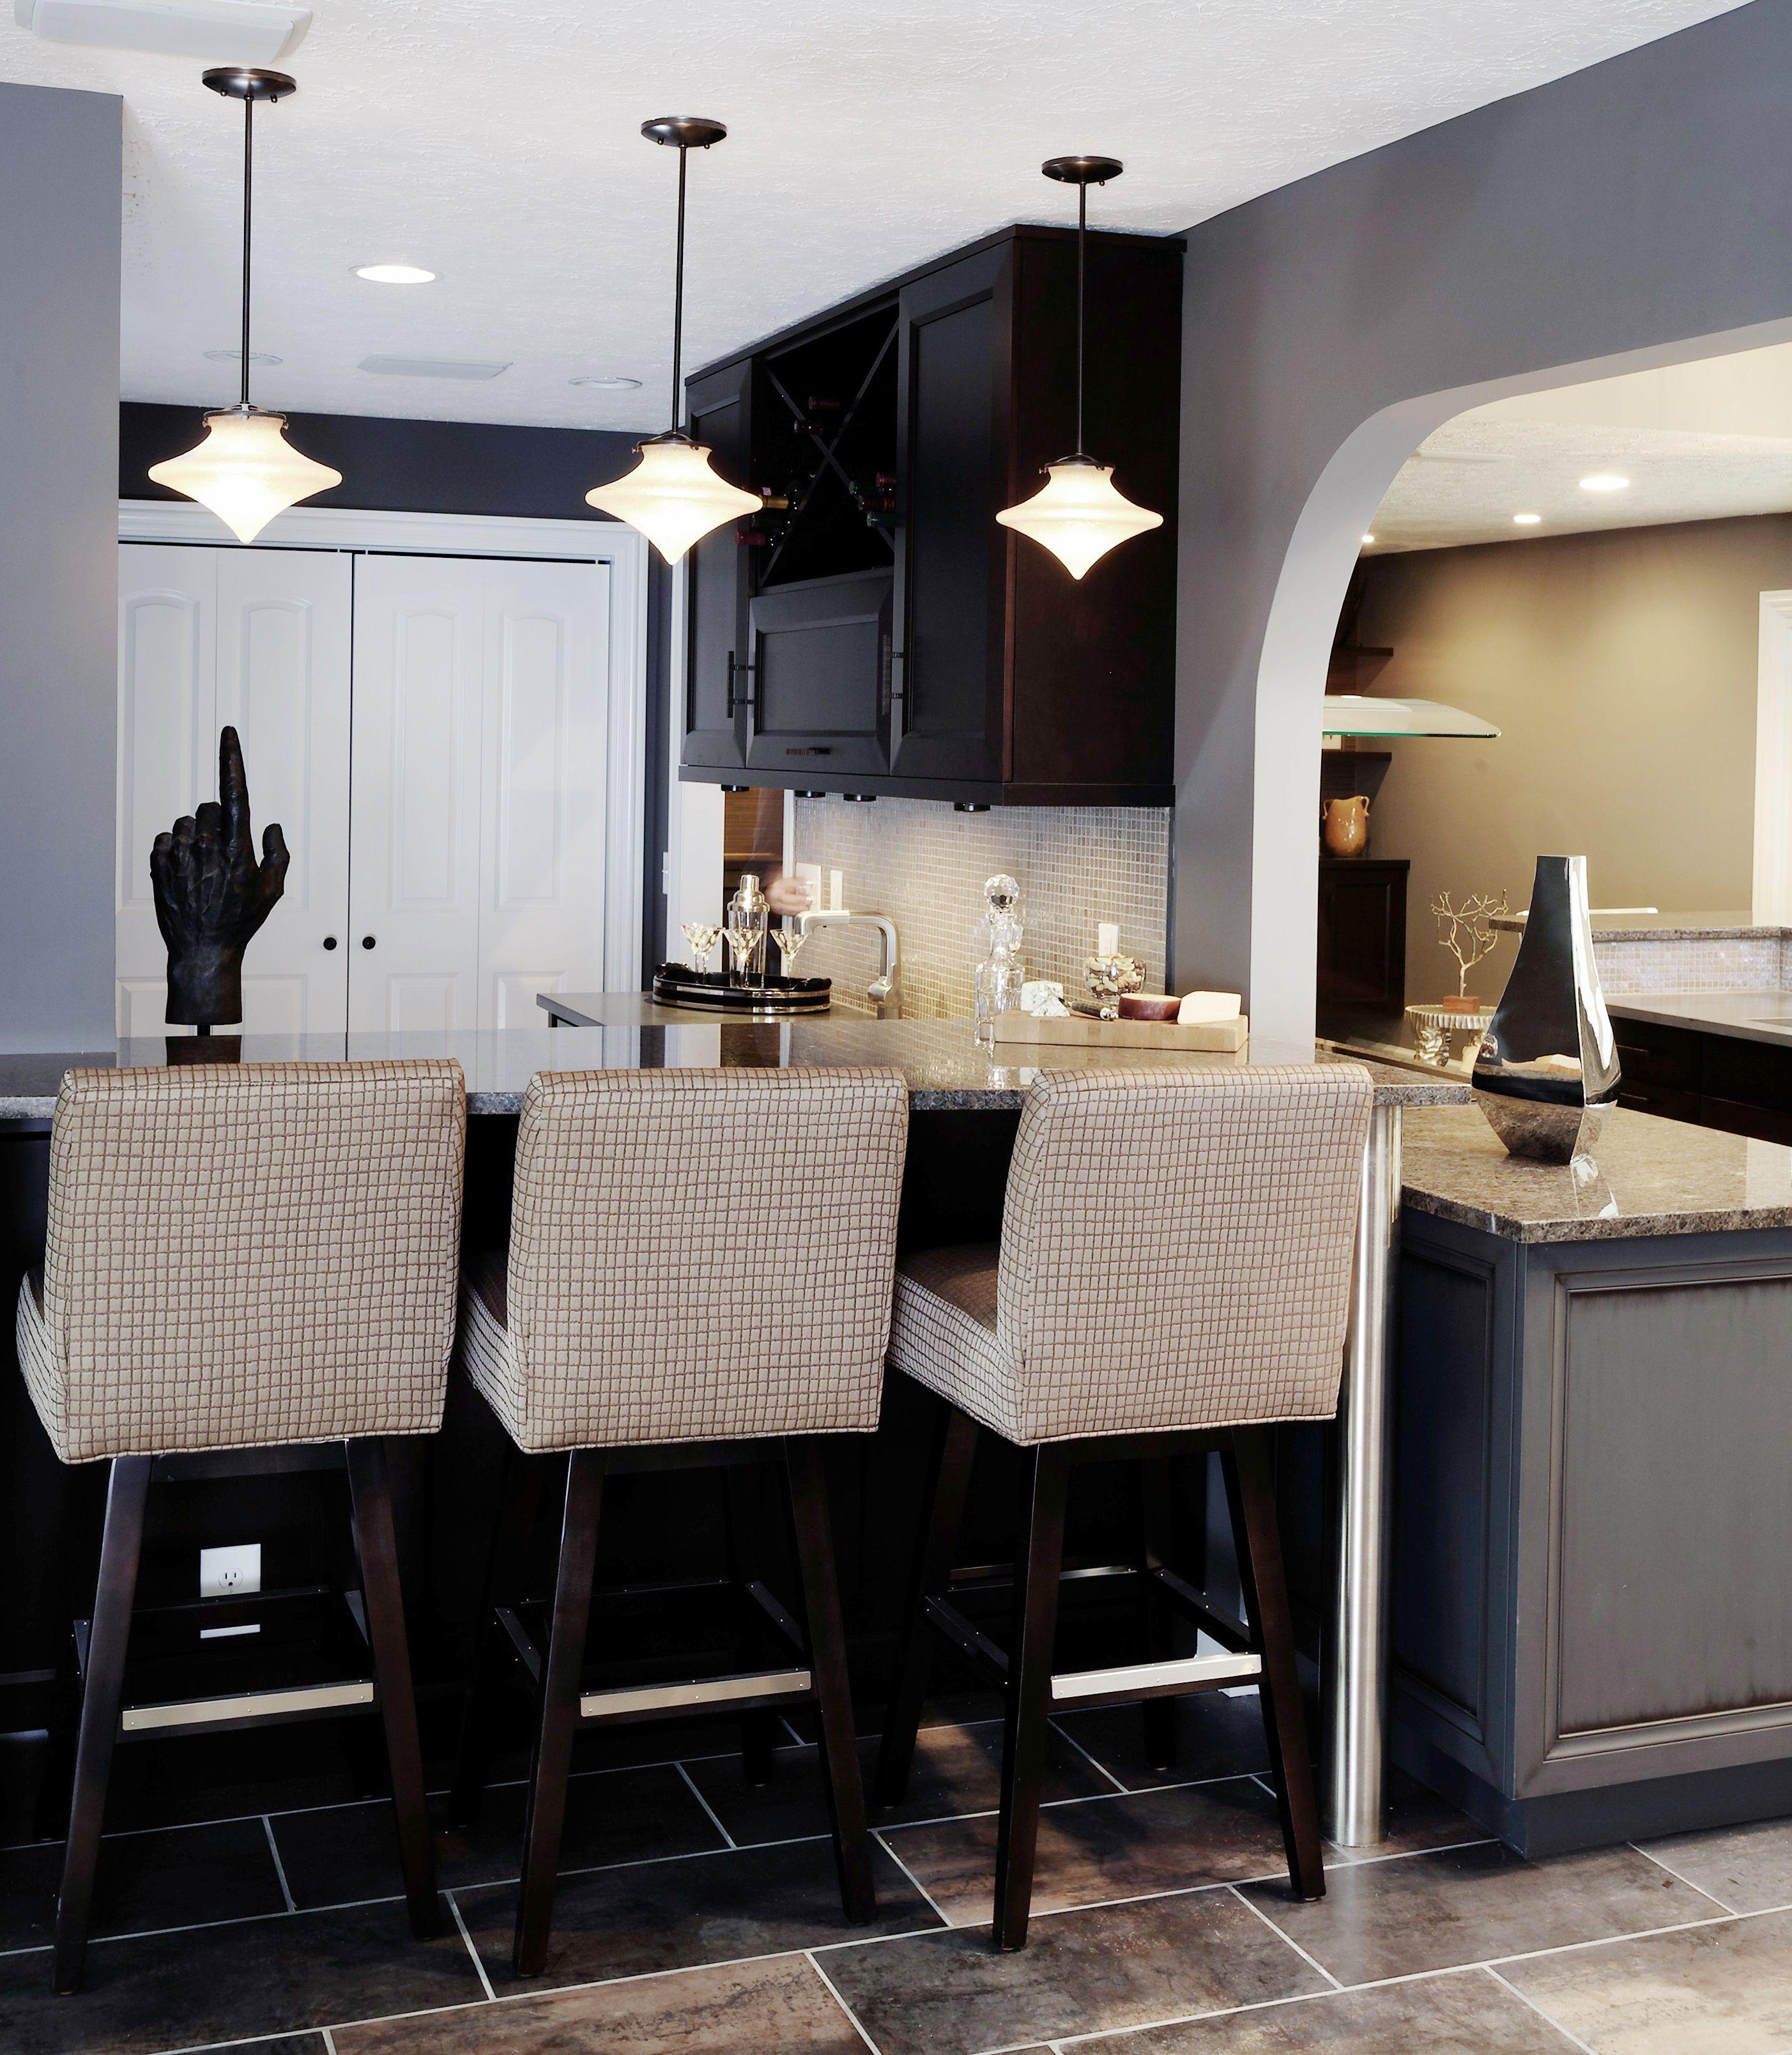 Interior Design, Contemporary Kitchen. Designer: Nancy Stanley, Kitchens By Design